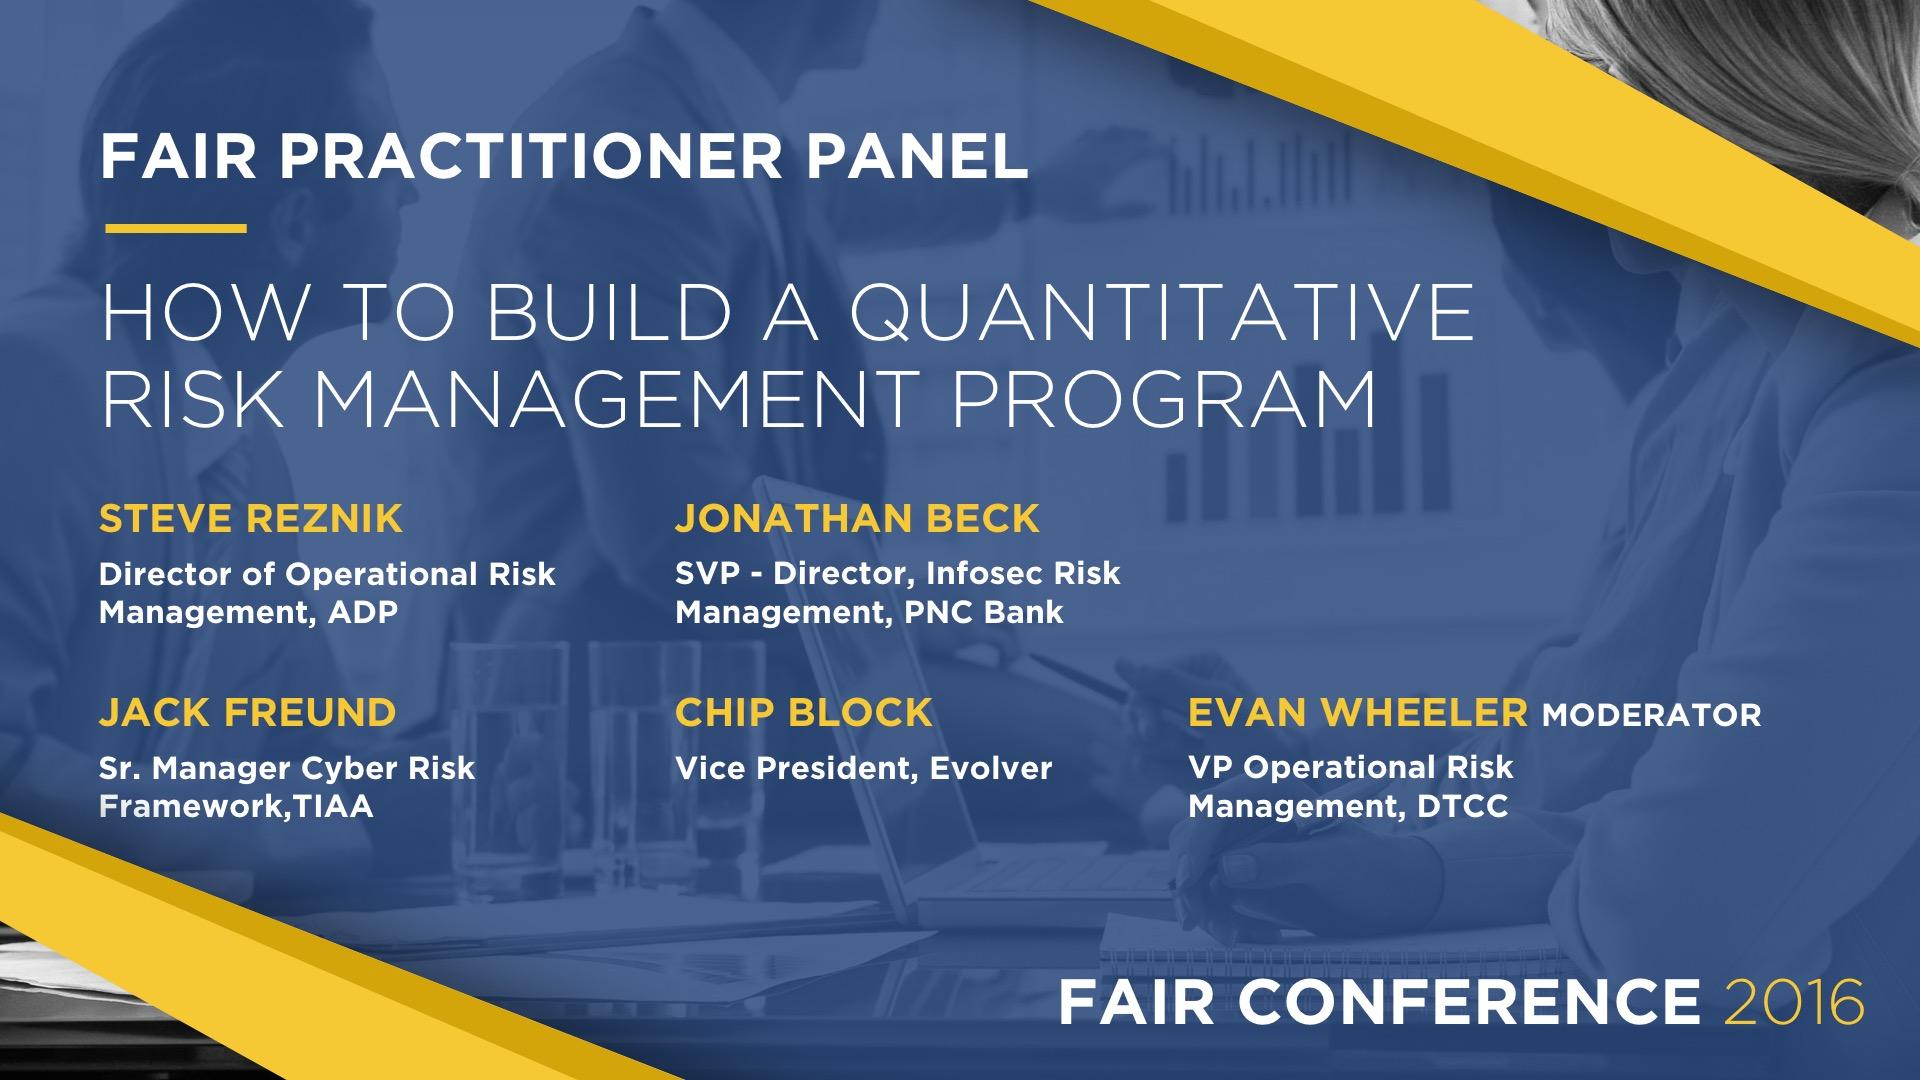 How To Build A Quantitative Risk Management Program.jpg